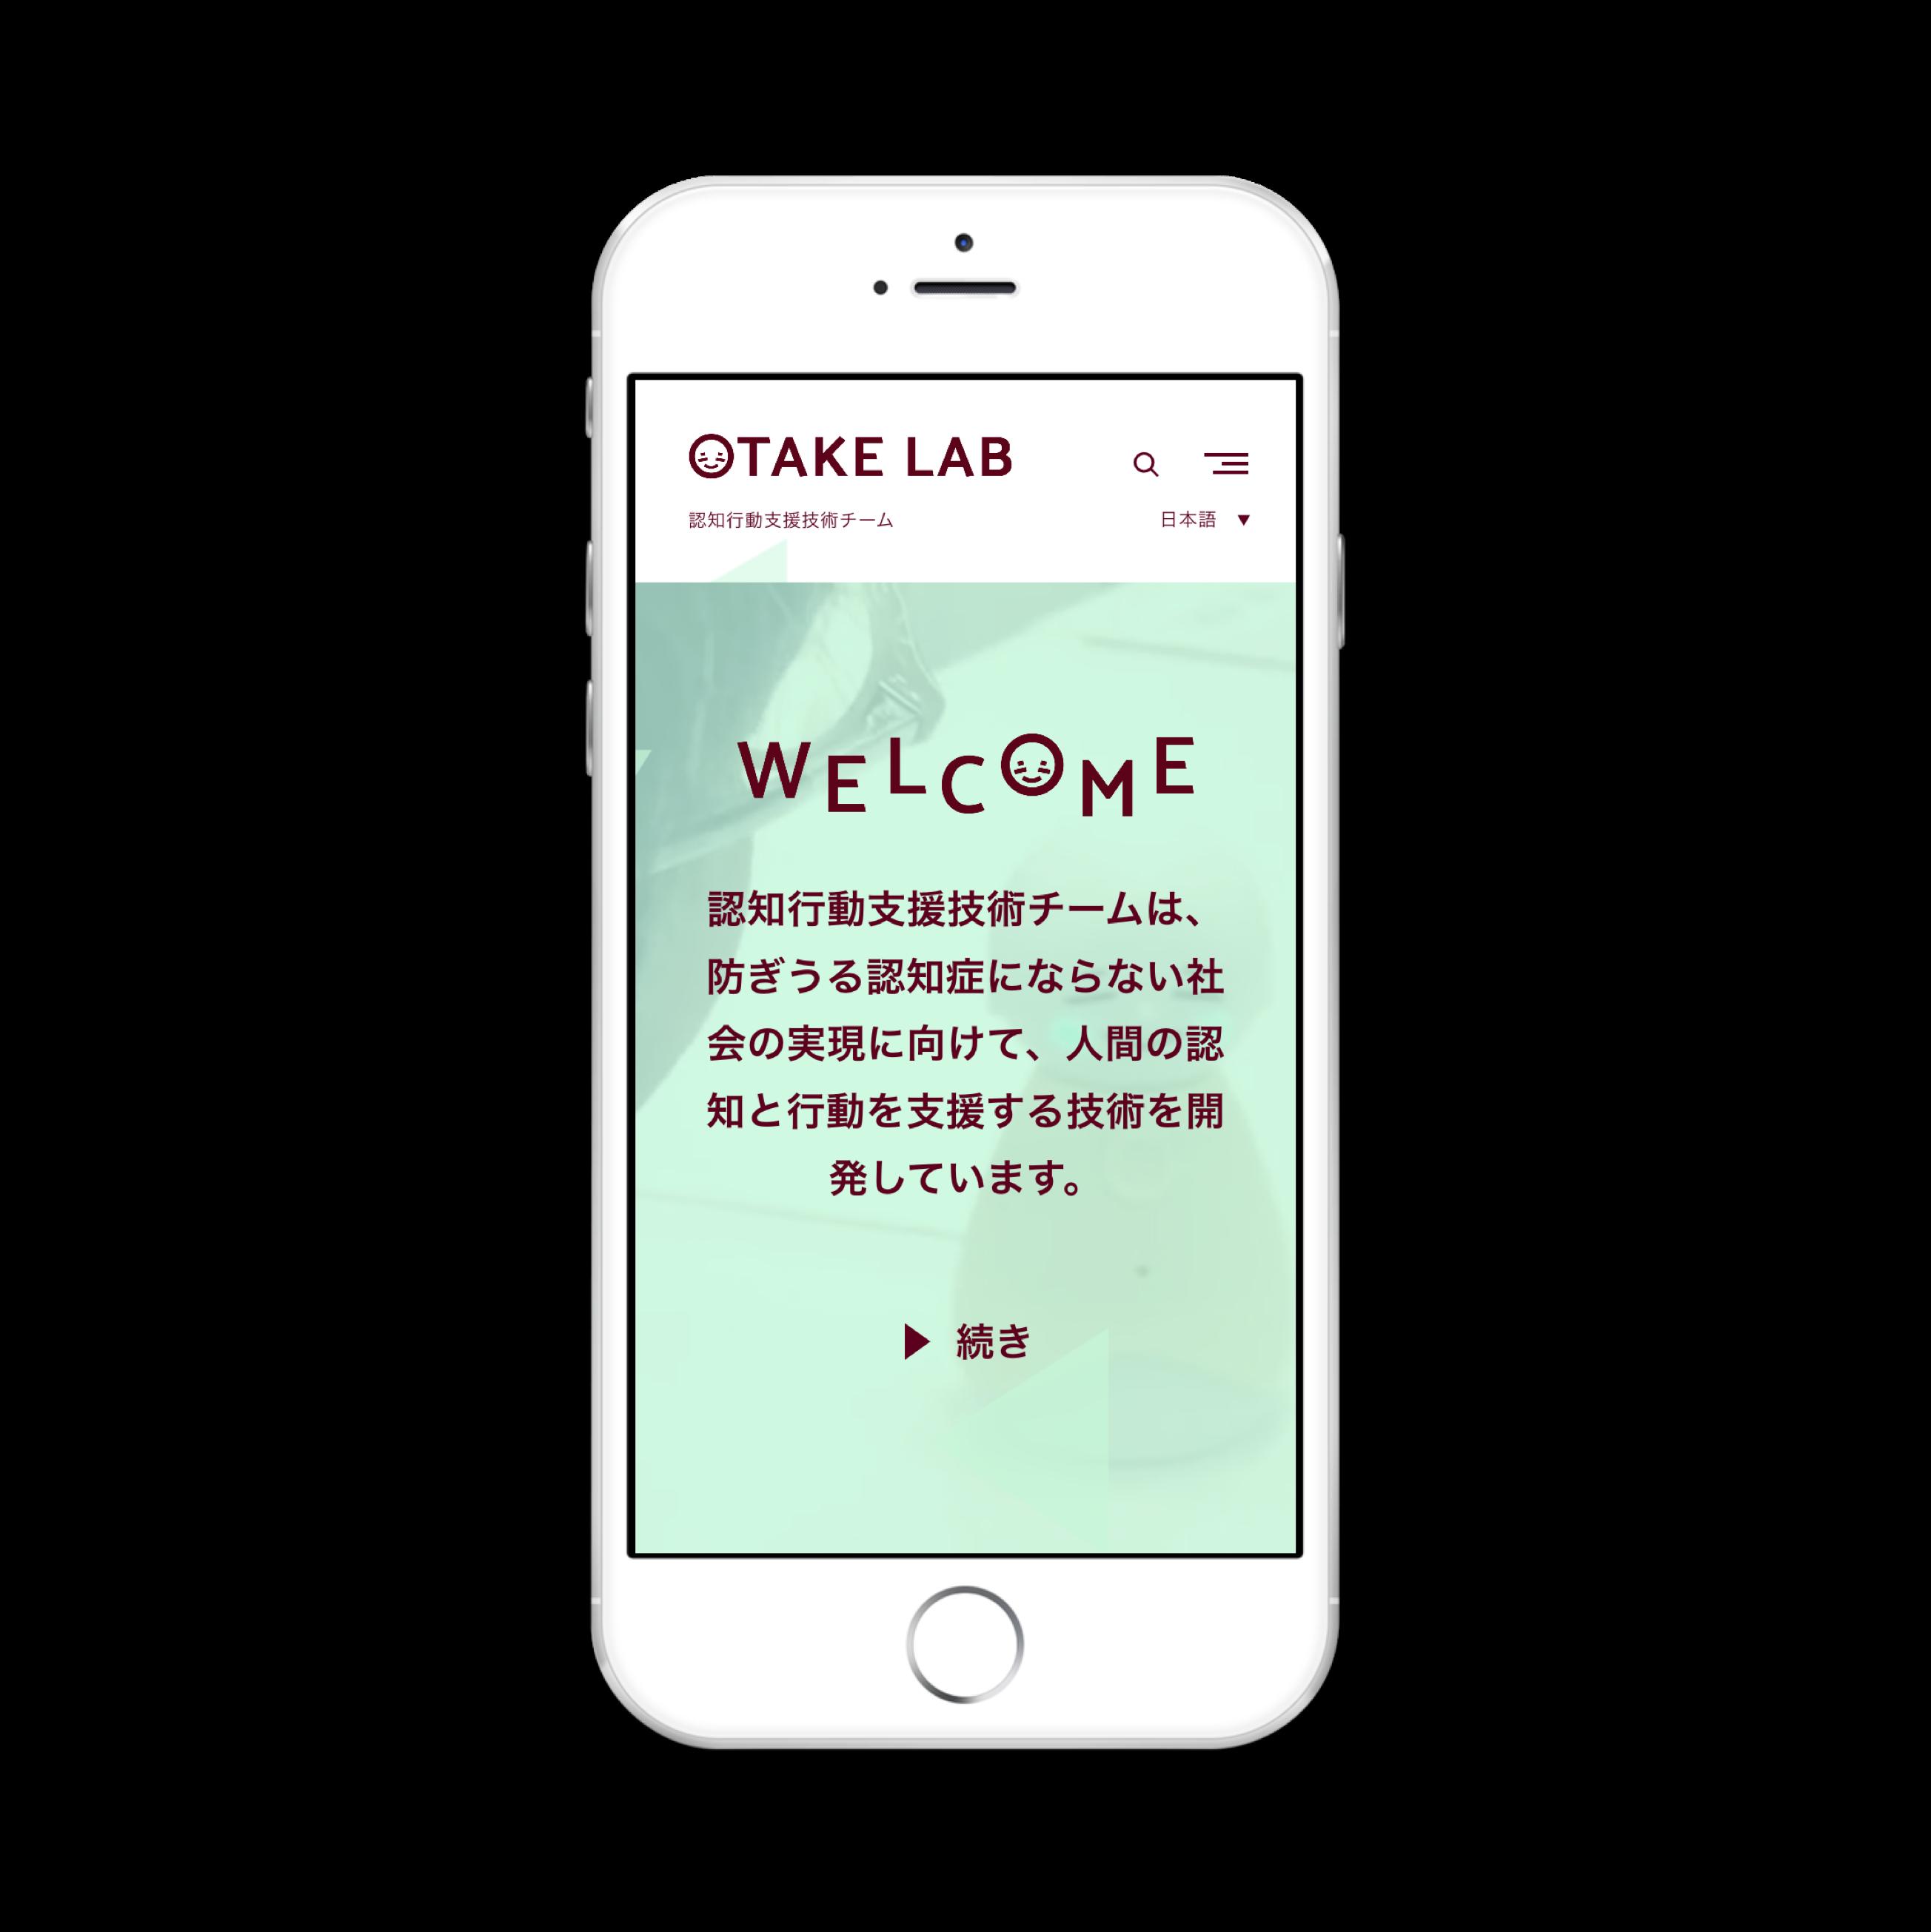 Otake Lab